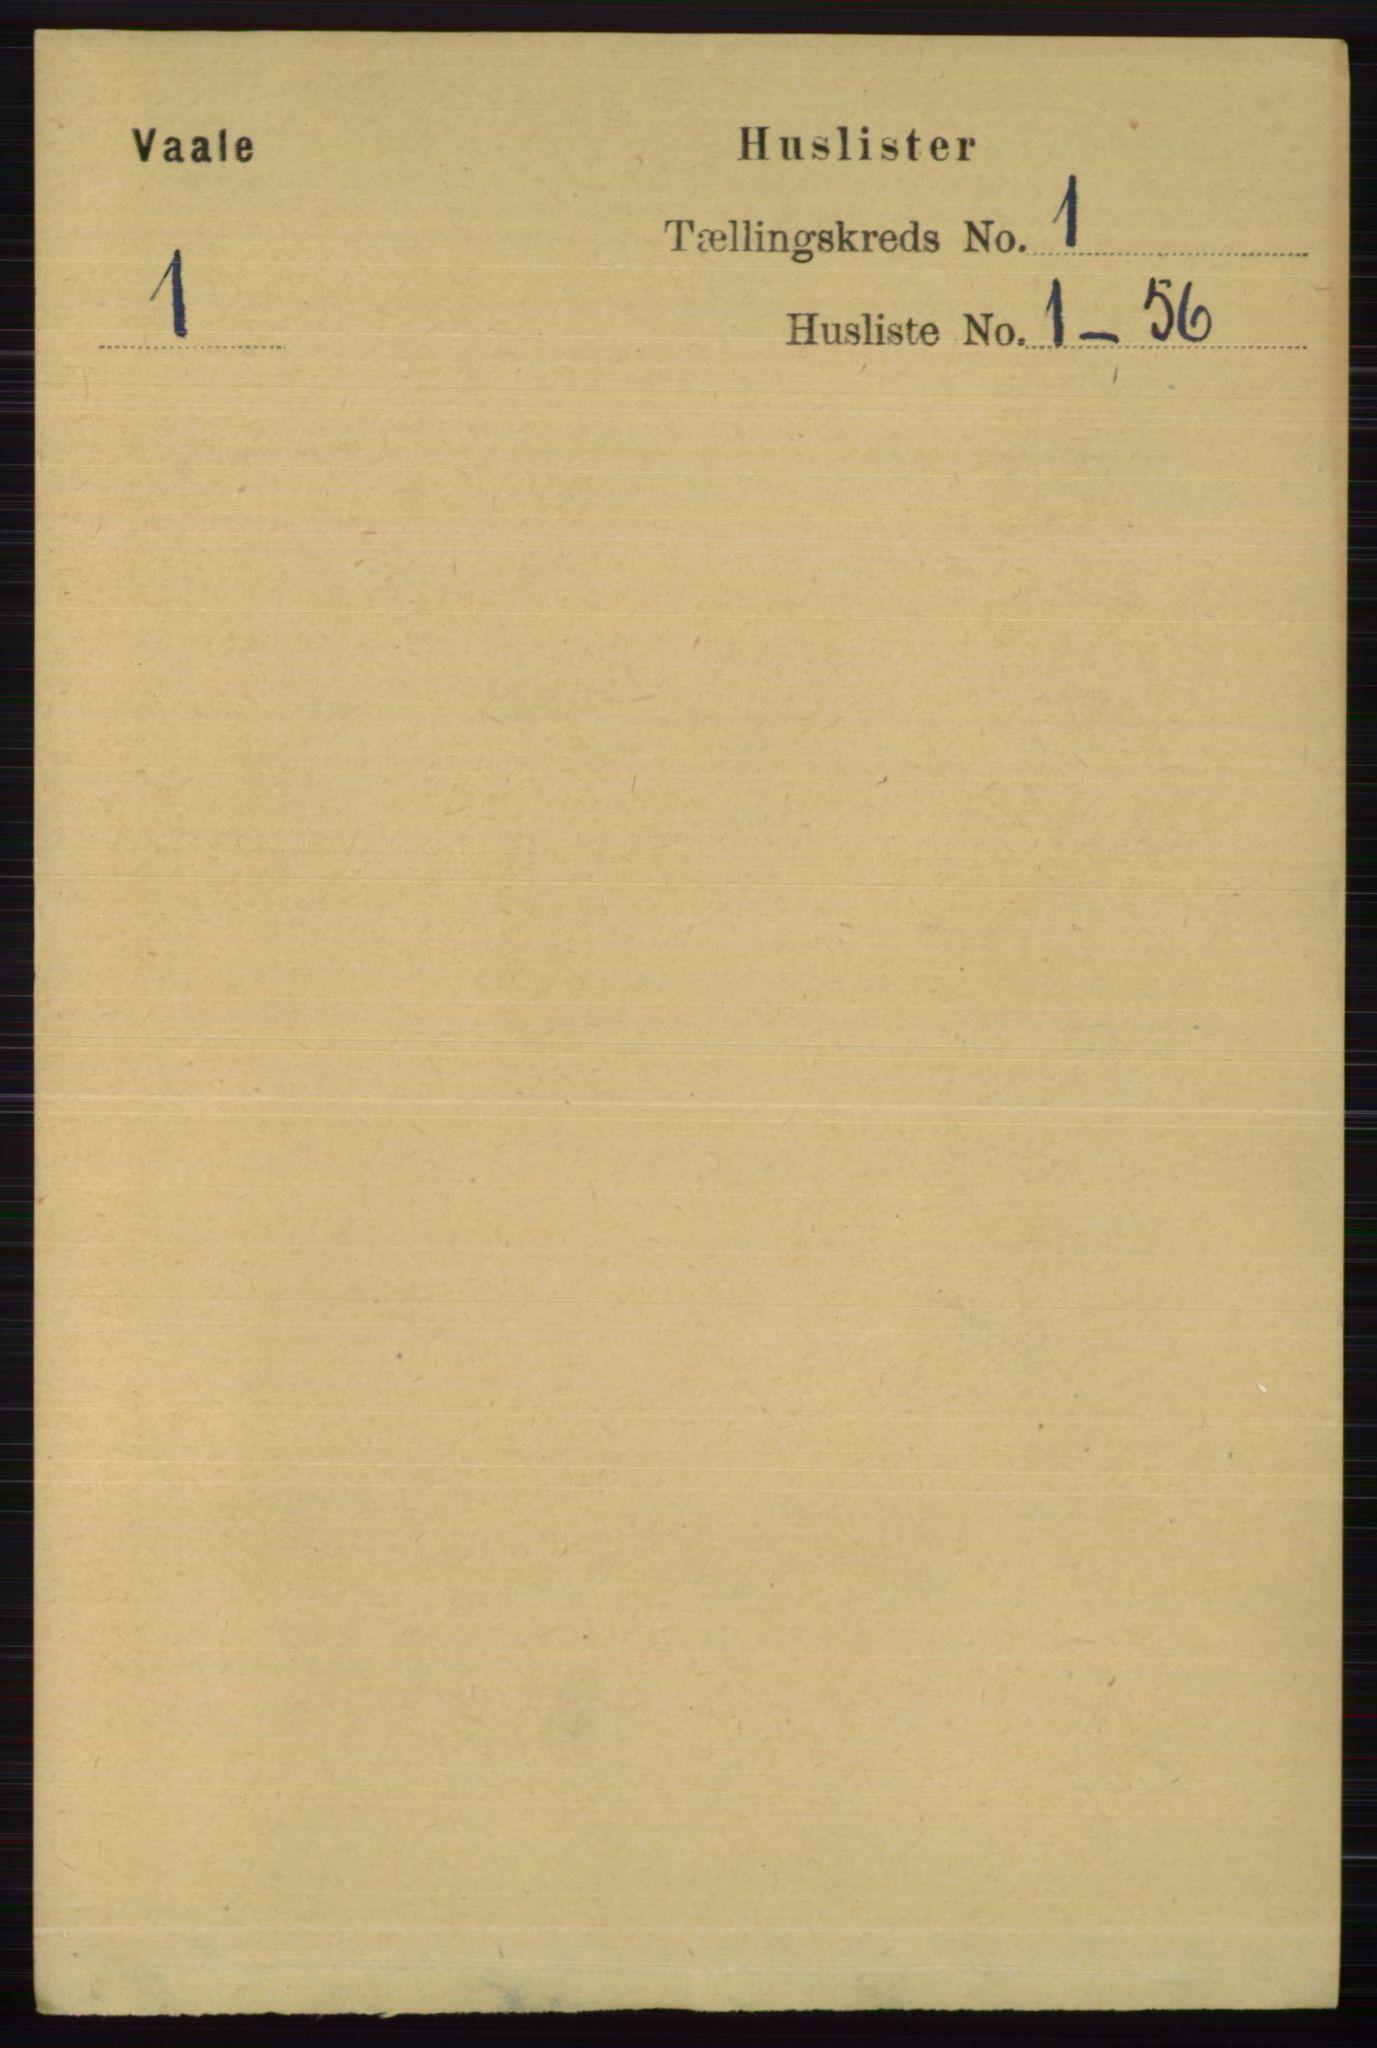 RA, Folketelling 1891 for 0716 Våle herred, 1891, s. 23